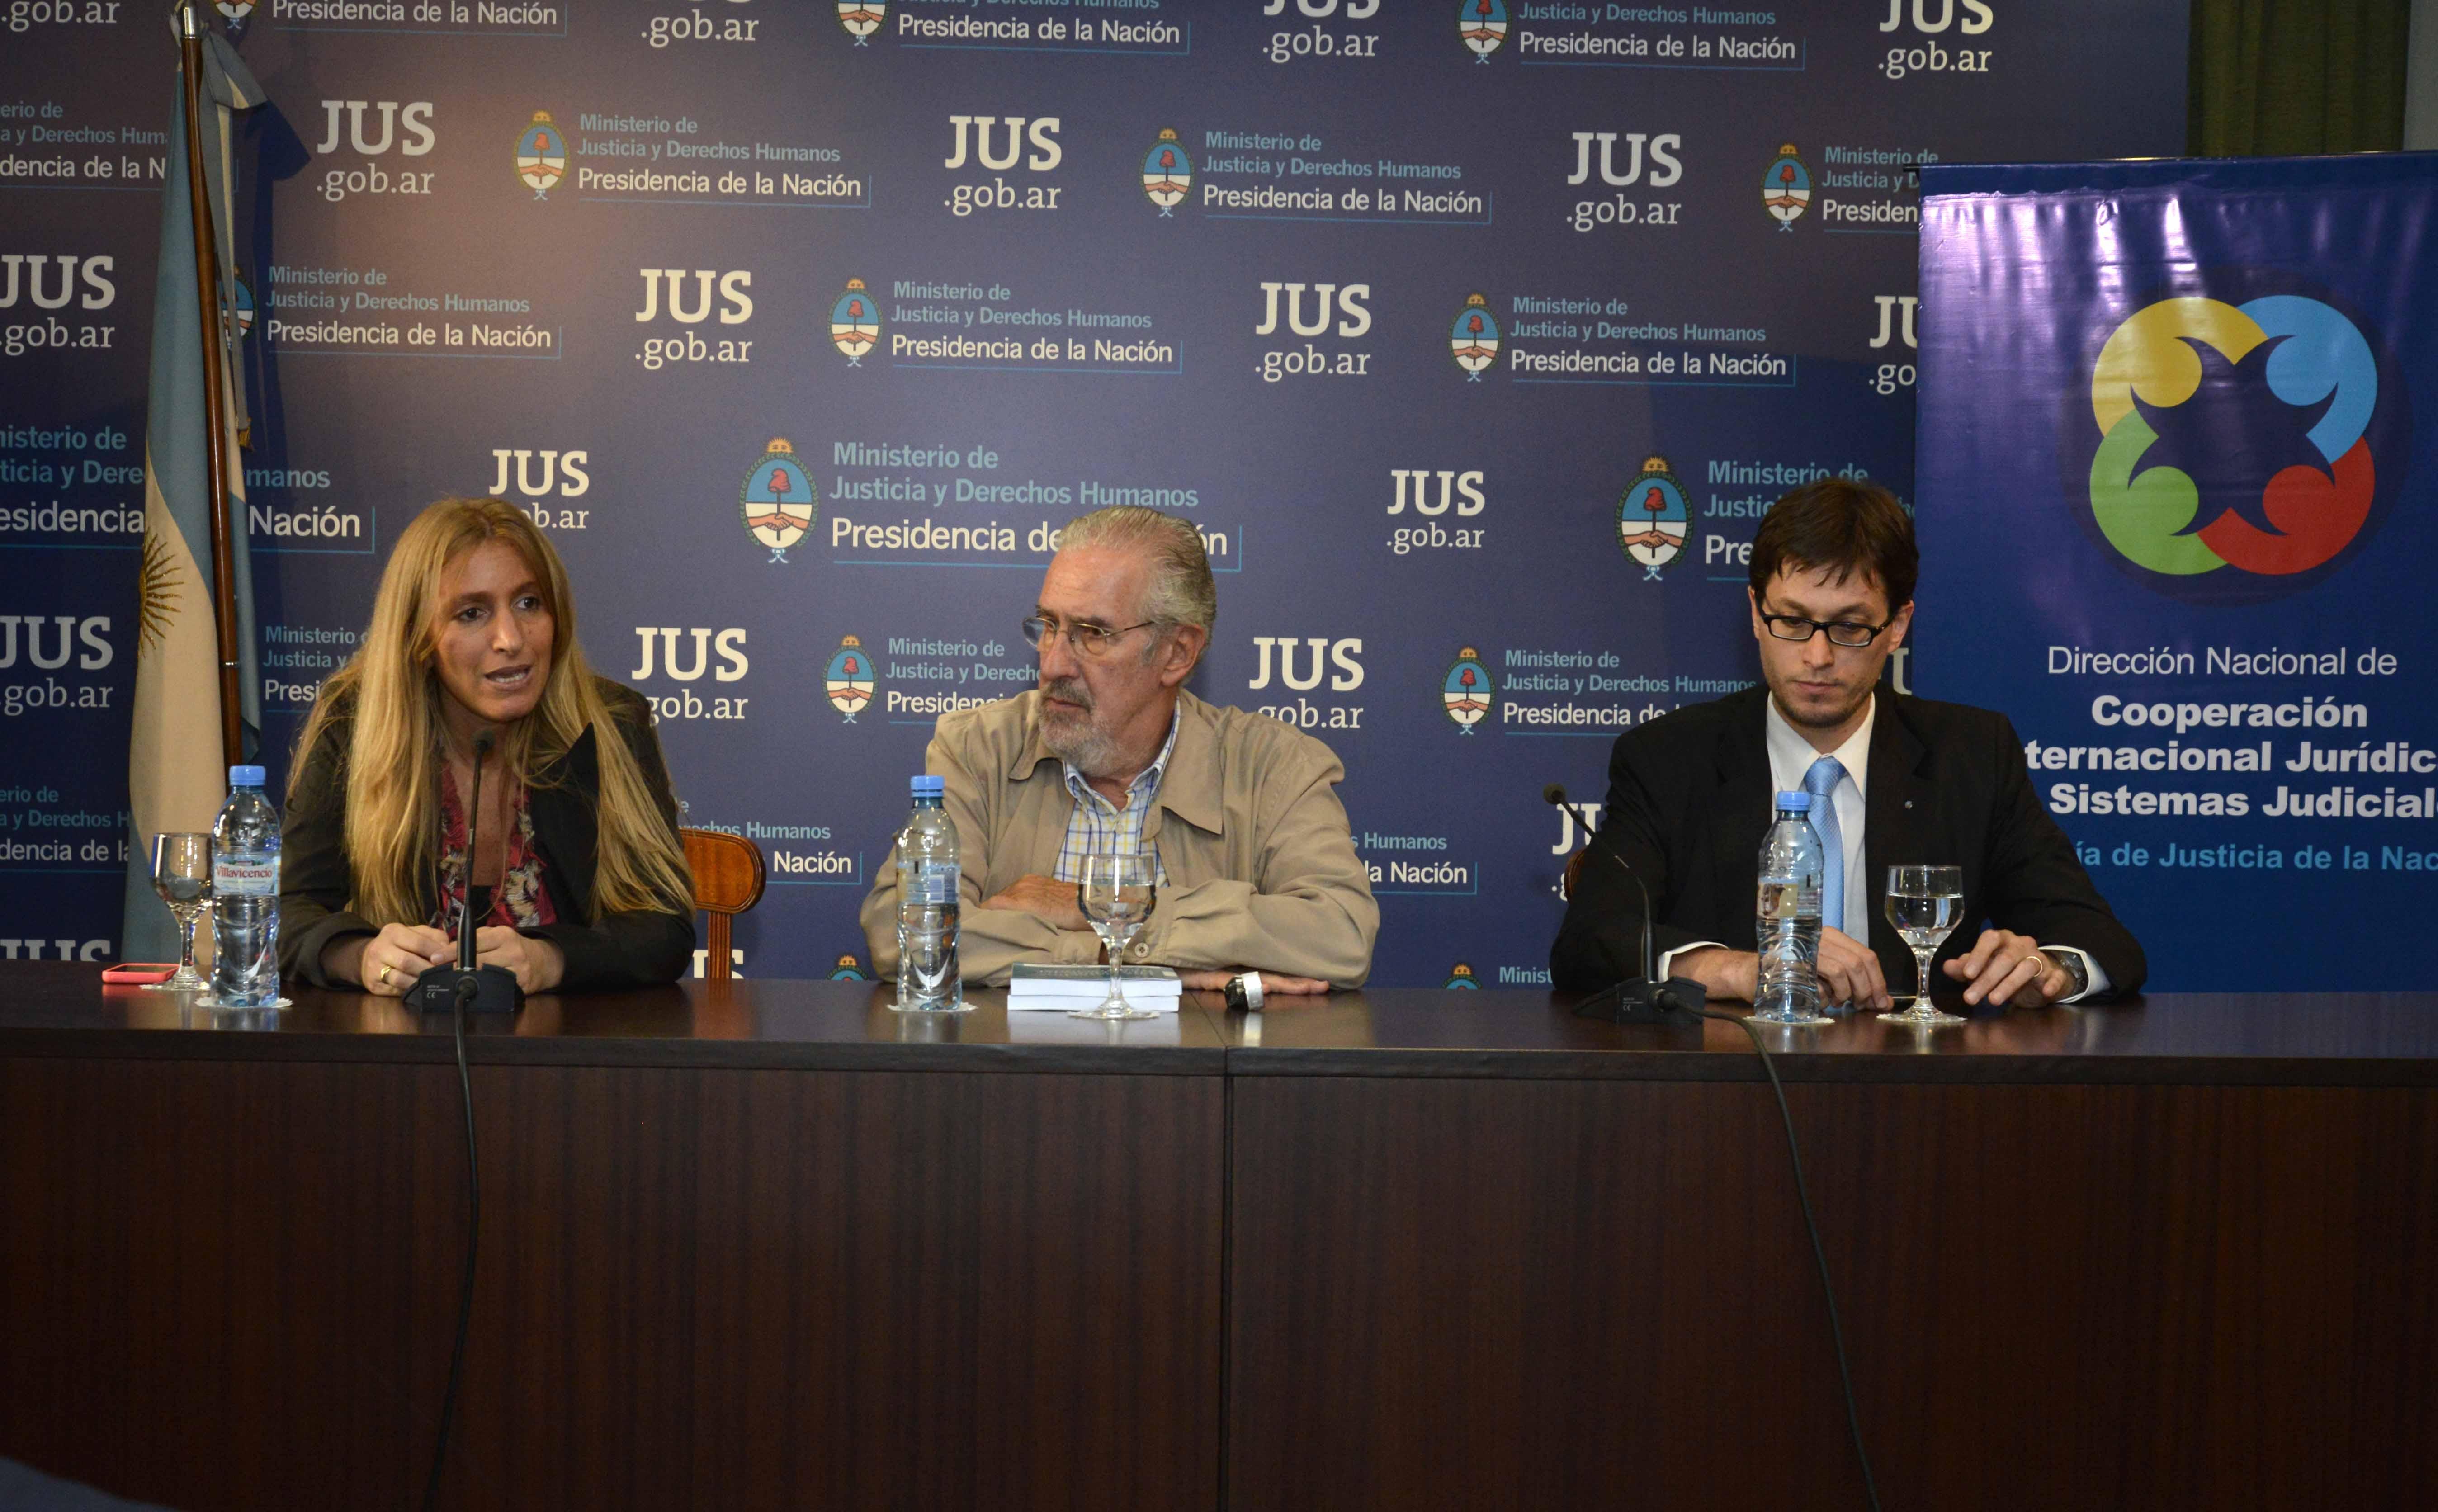 Se presentaron publicaciones sobre Acceso a la Justicia y Derechos Humanos